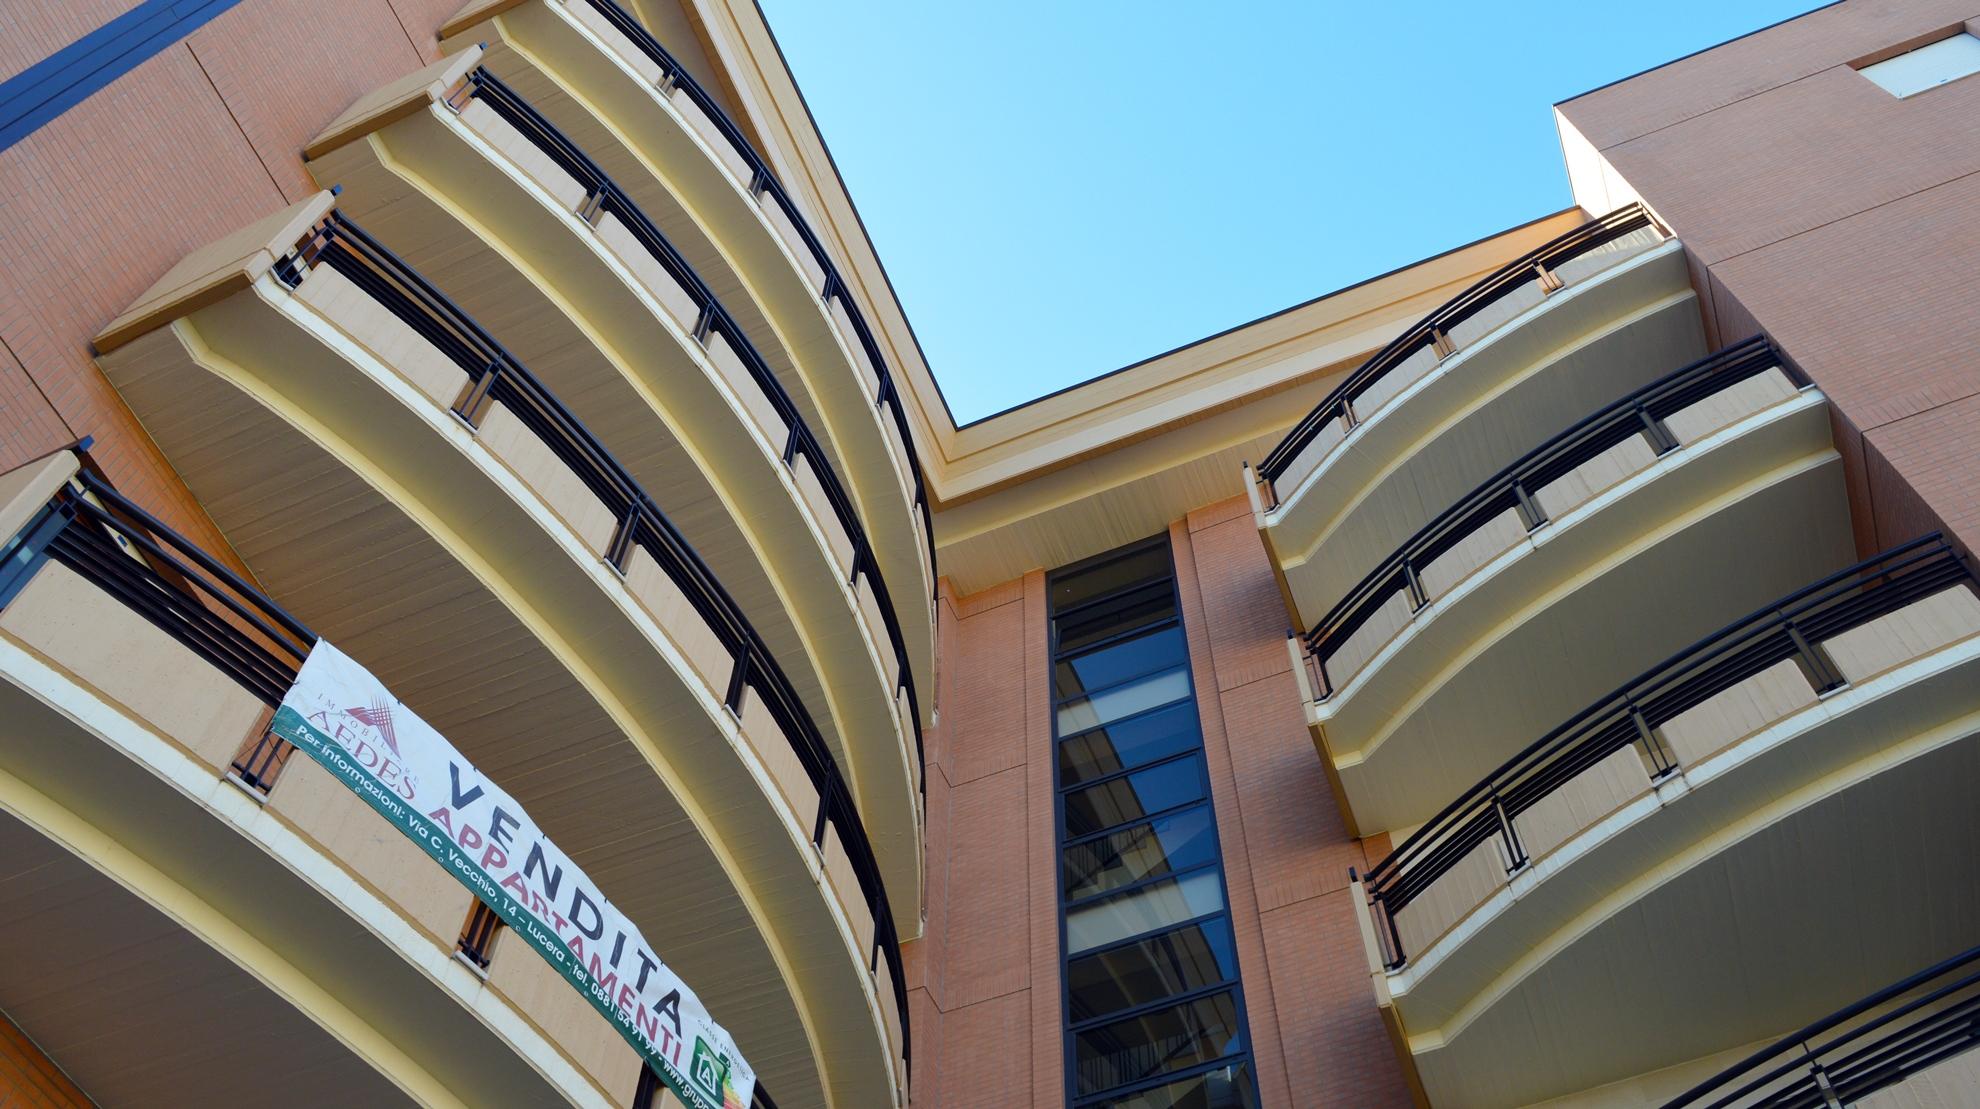 Olivieri costruzioni - Vendita Immobili a Lucera, campobasso e camporino